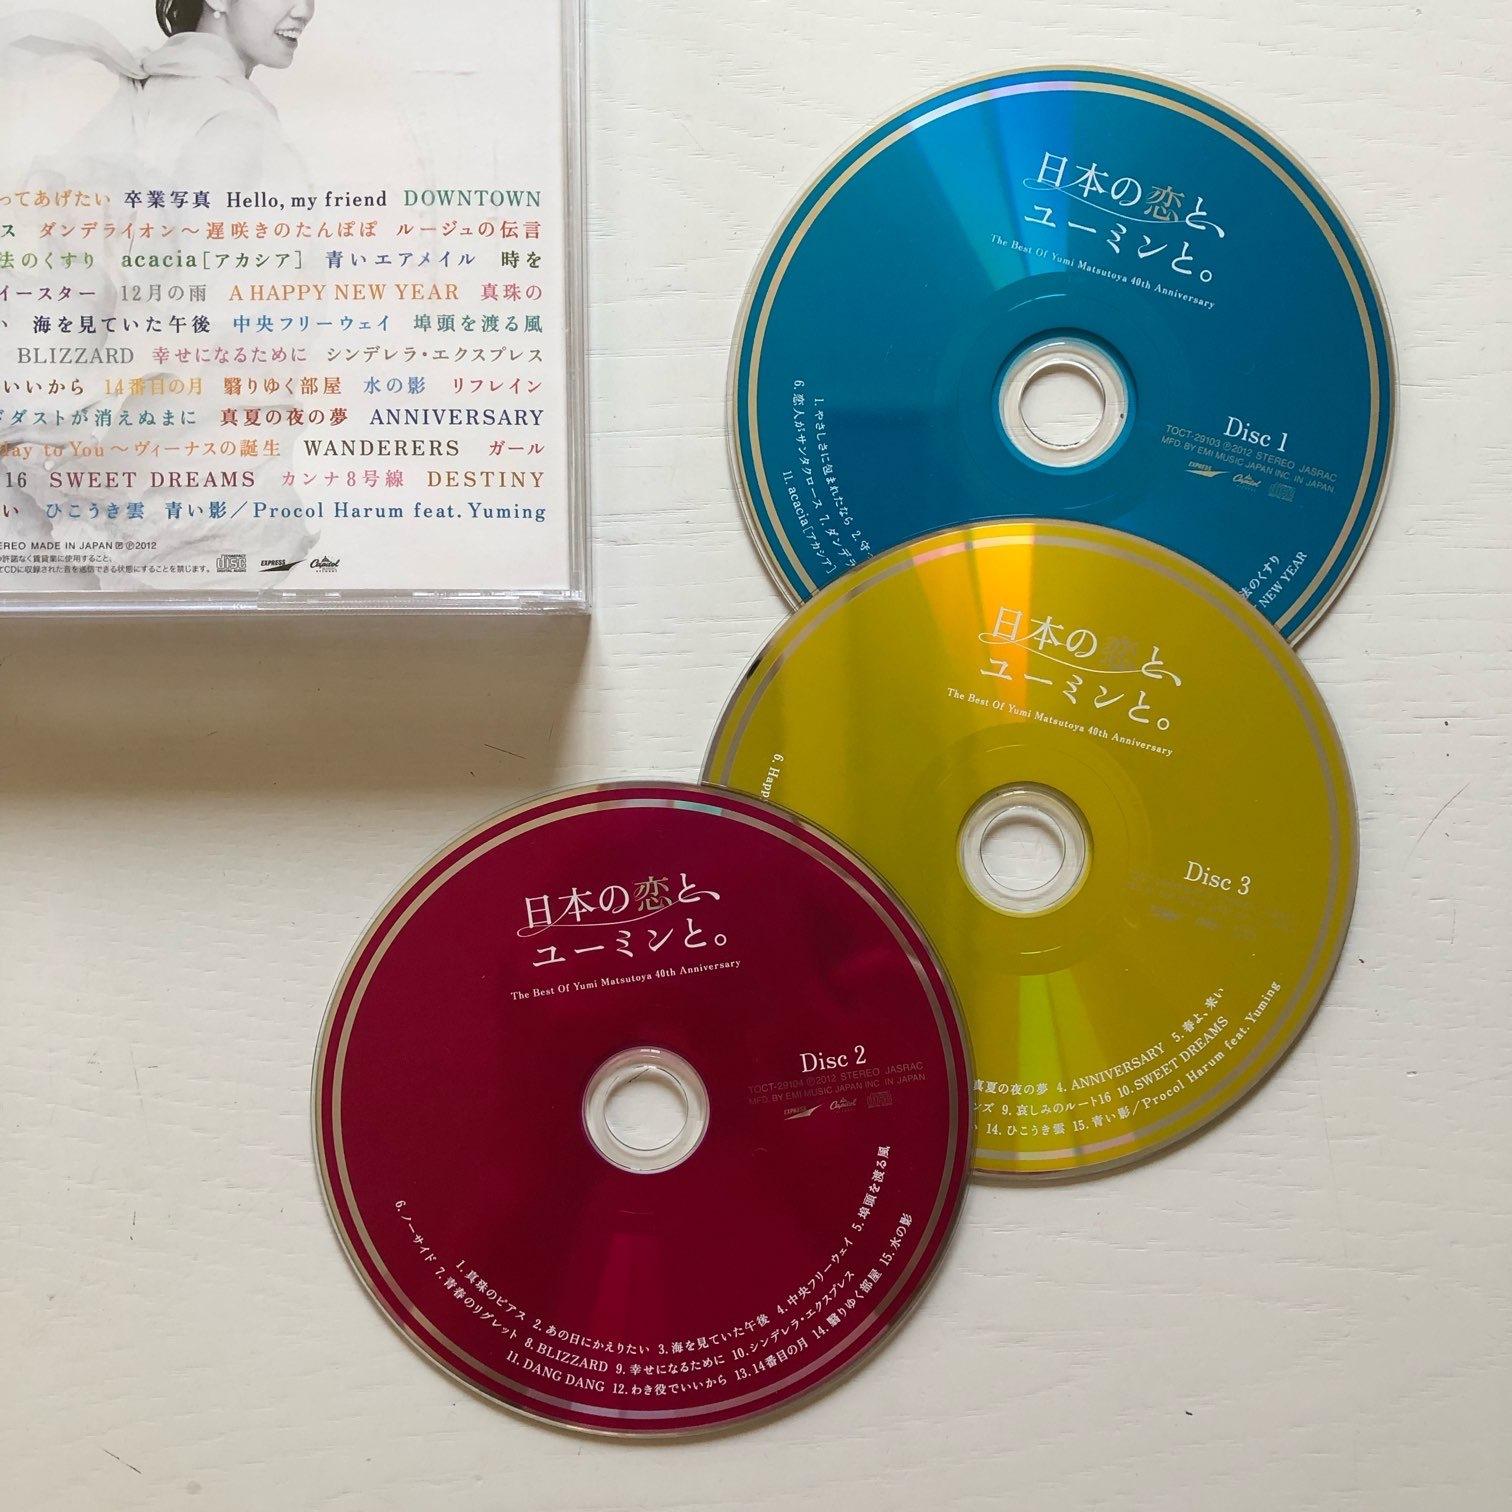 ユーミン CD